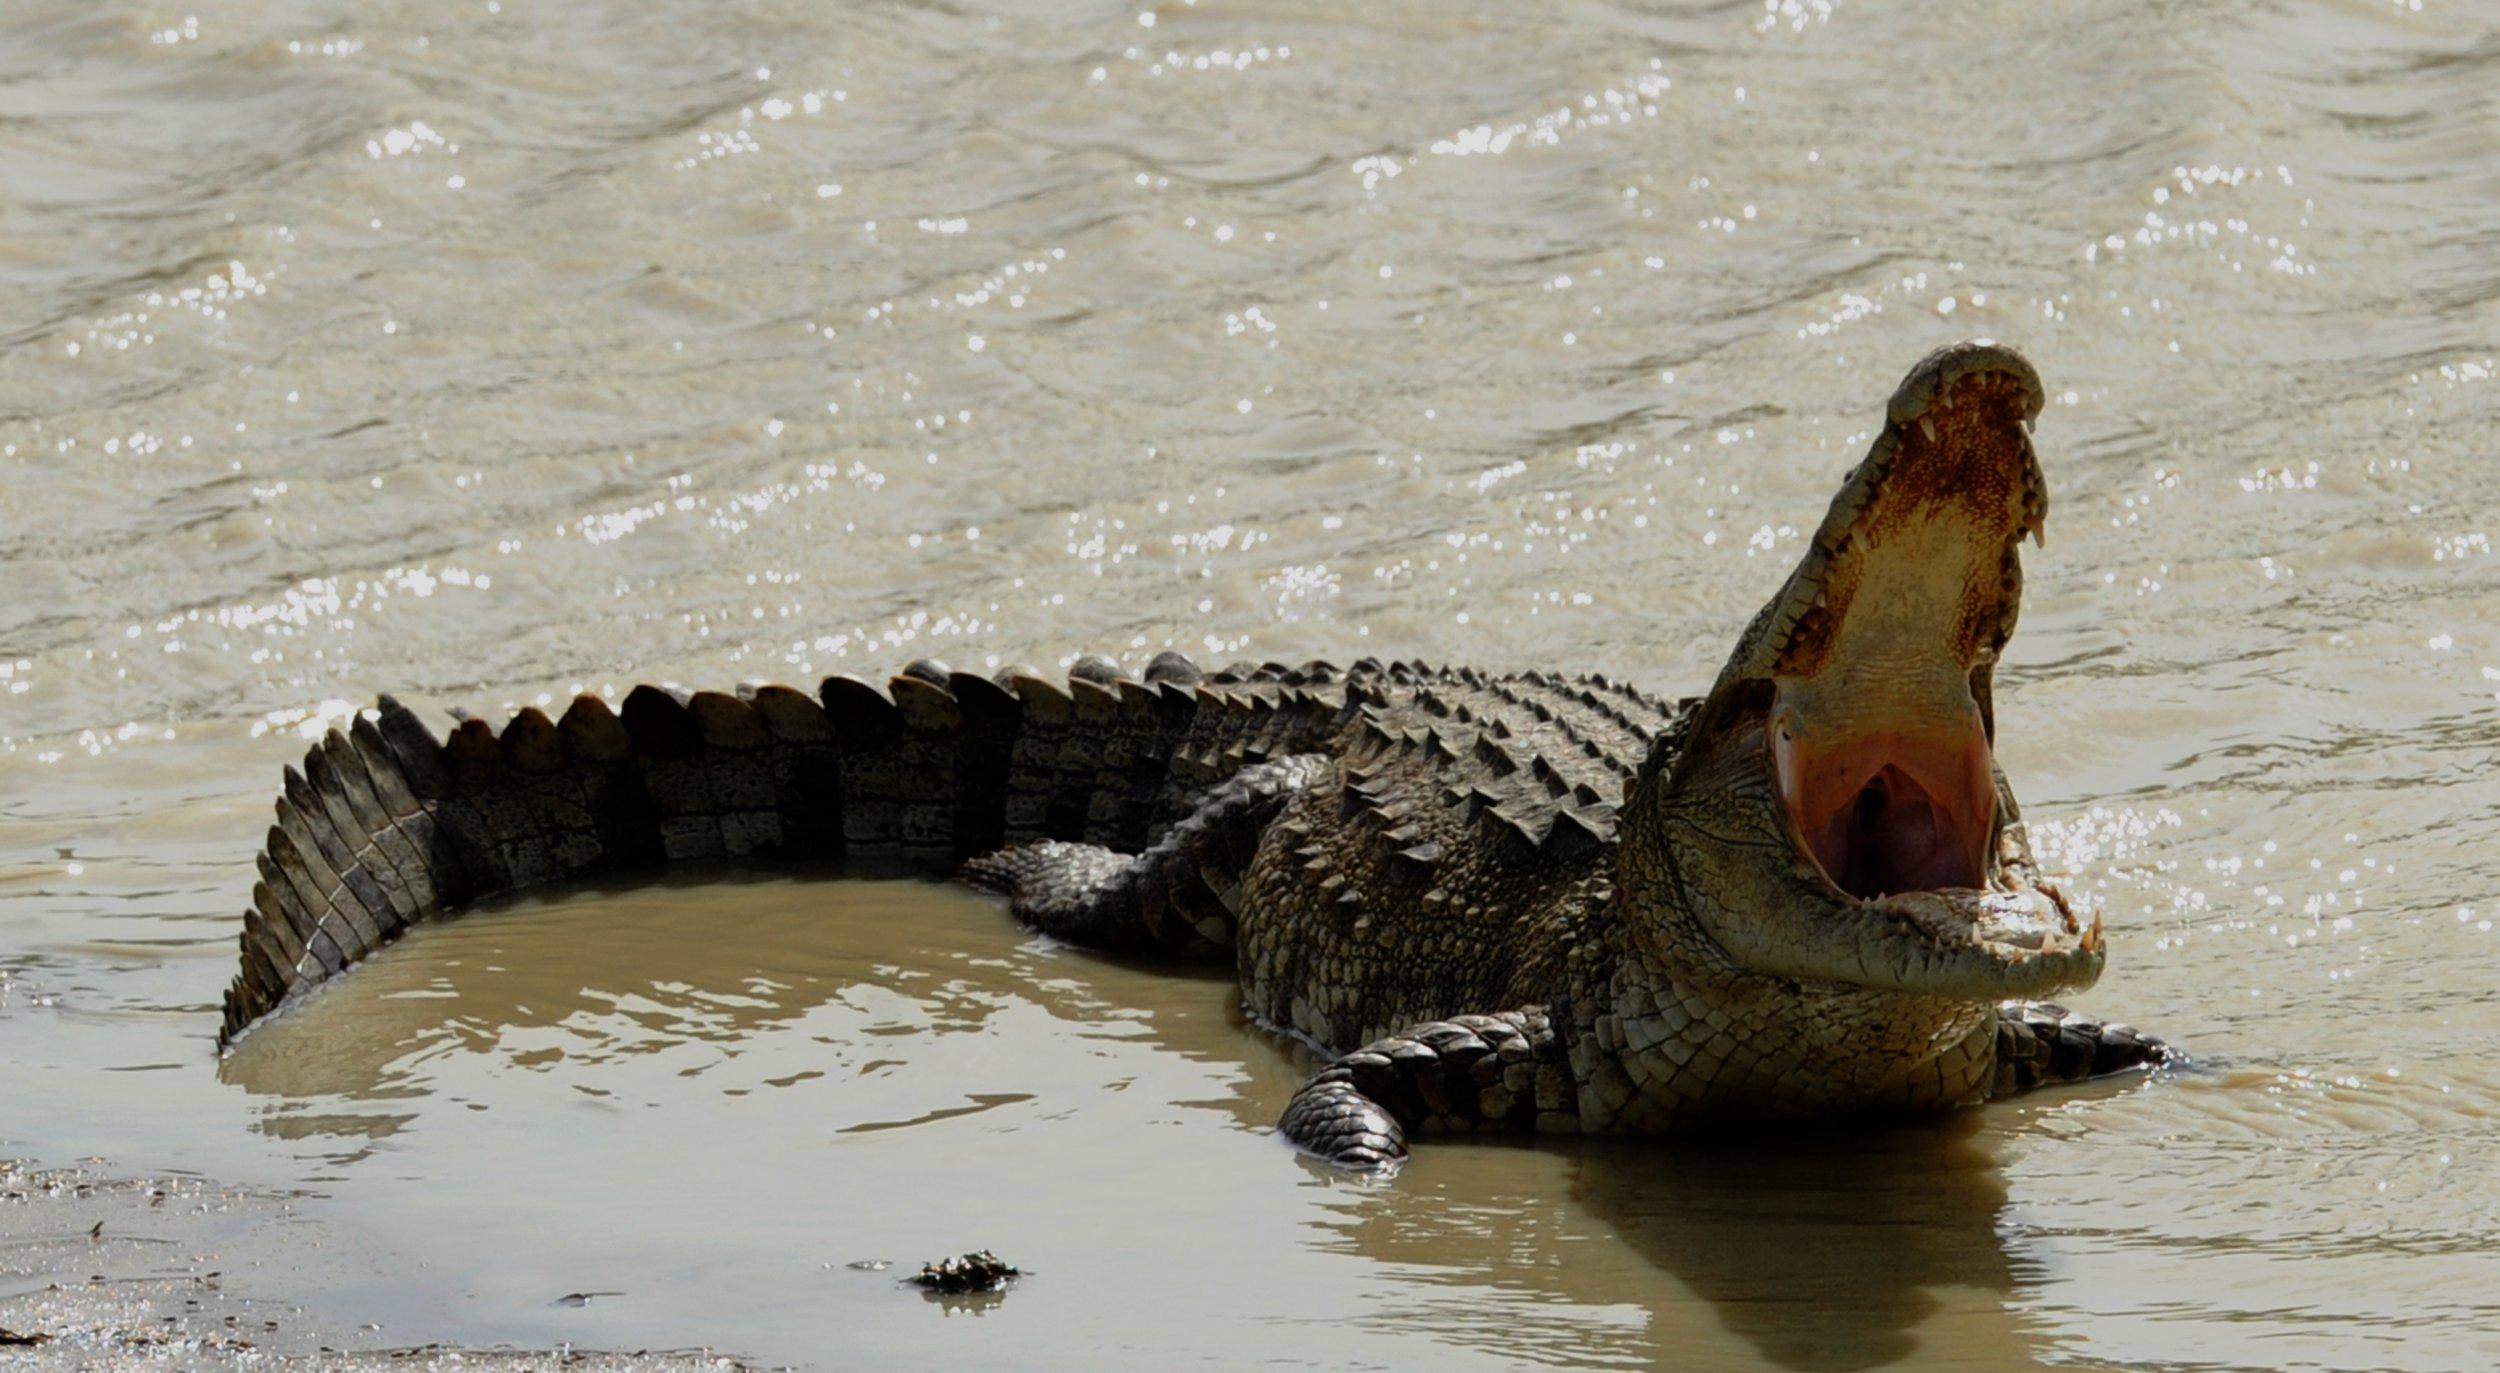 09_15_Sri Lanka_Croc